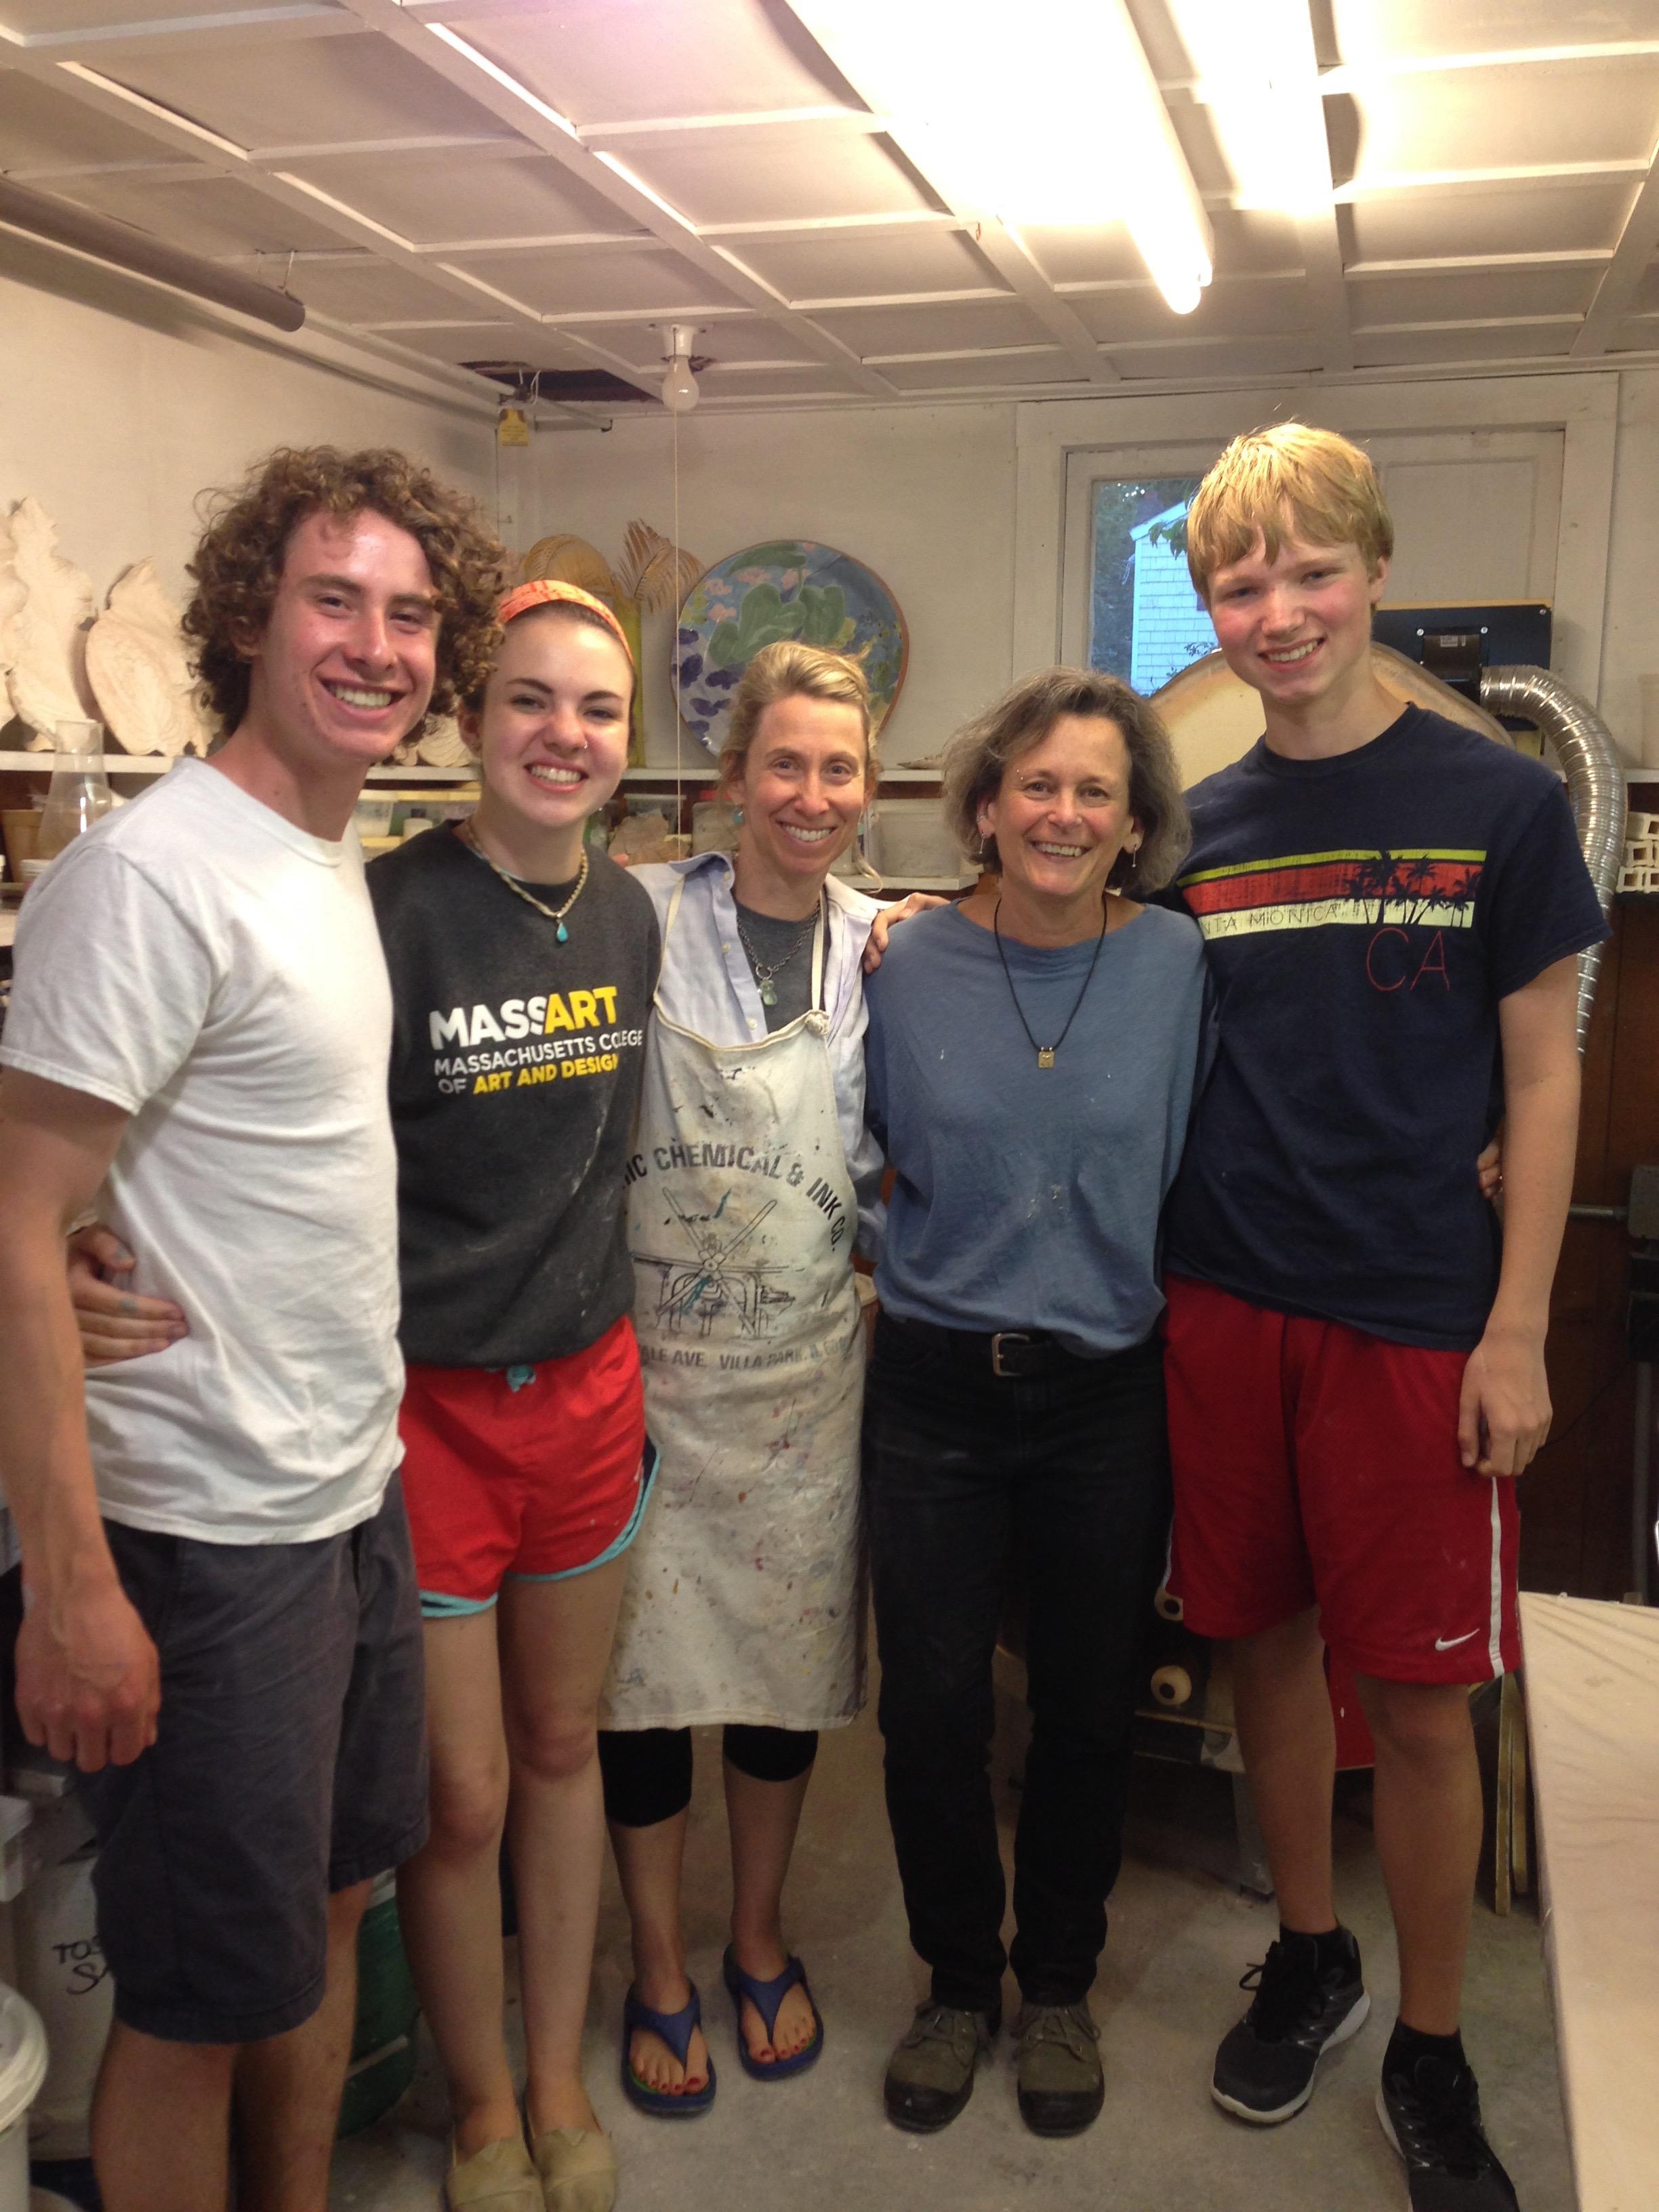 Sam, Callie, Susan, Myself and Ben